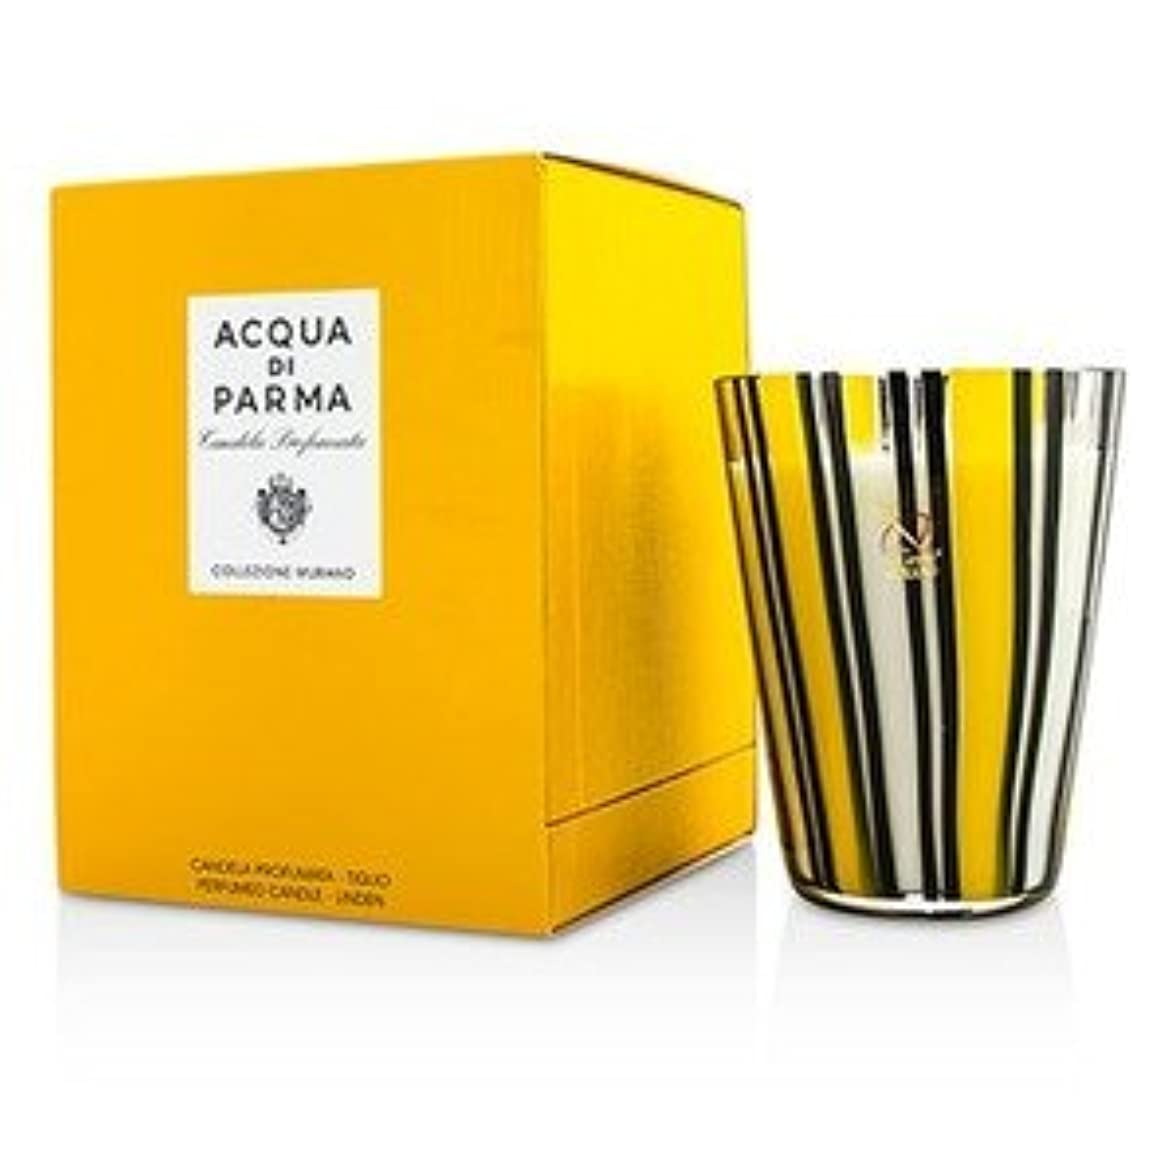 意義アート支配的アクア ディ パルマ[Acqua Di Parma] ムラノ グラス パフューム キャンドル - Tiglio(Linen) 200g/7.05oz [並行輸入品]